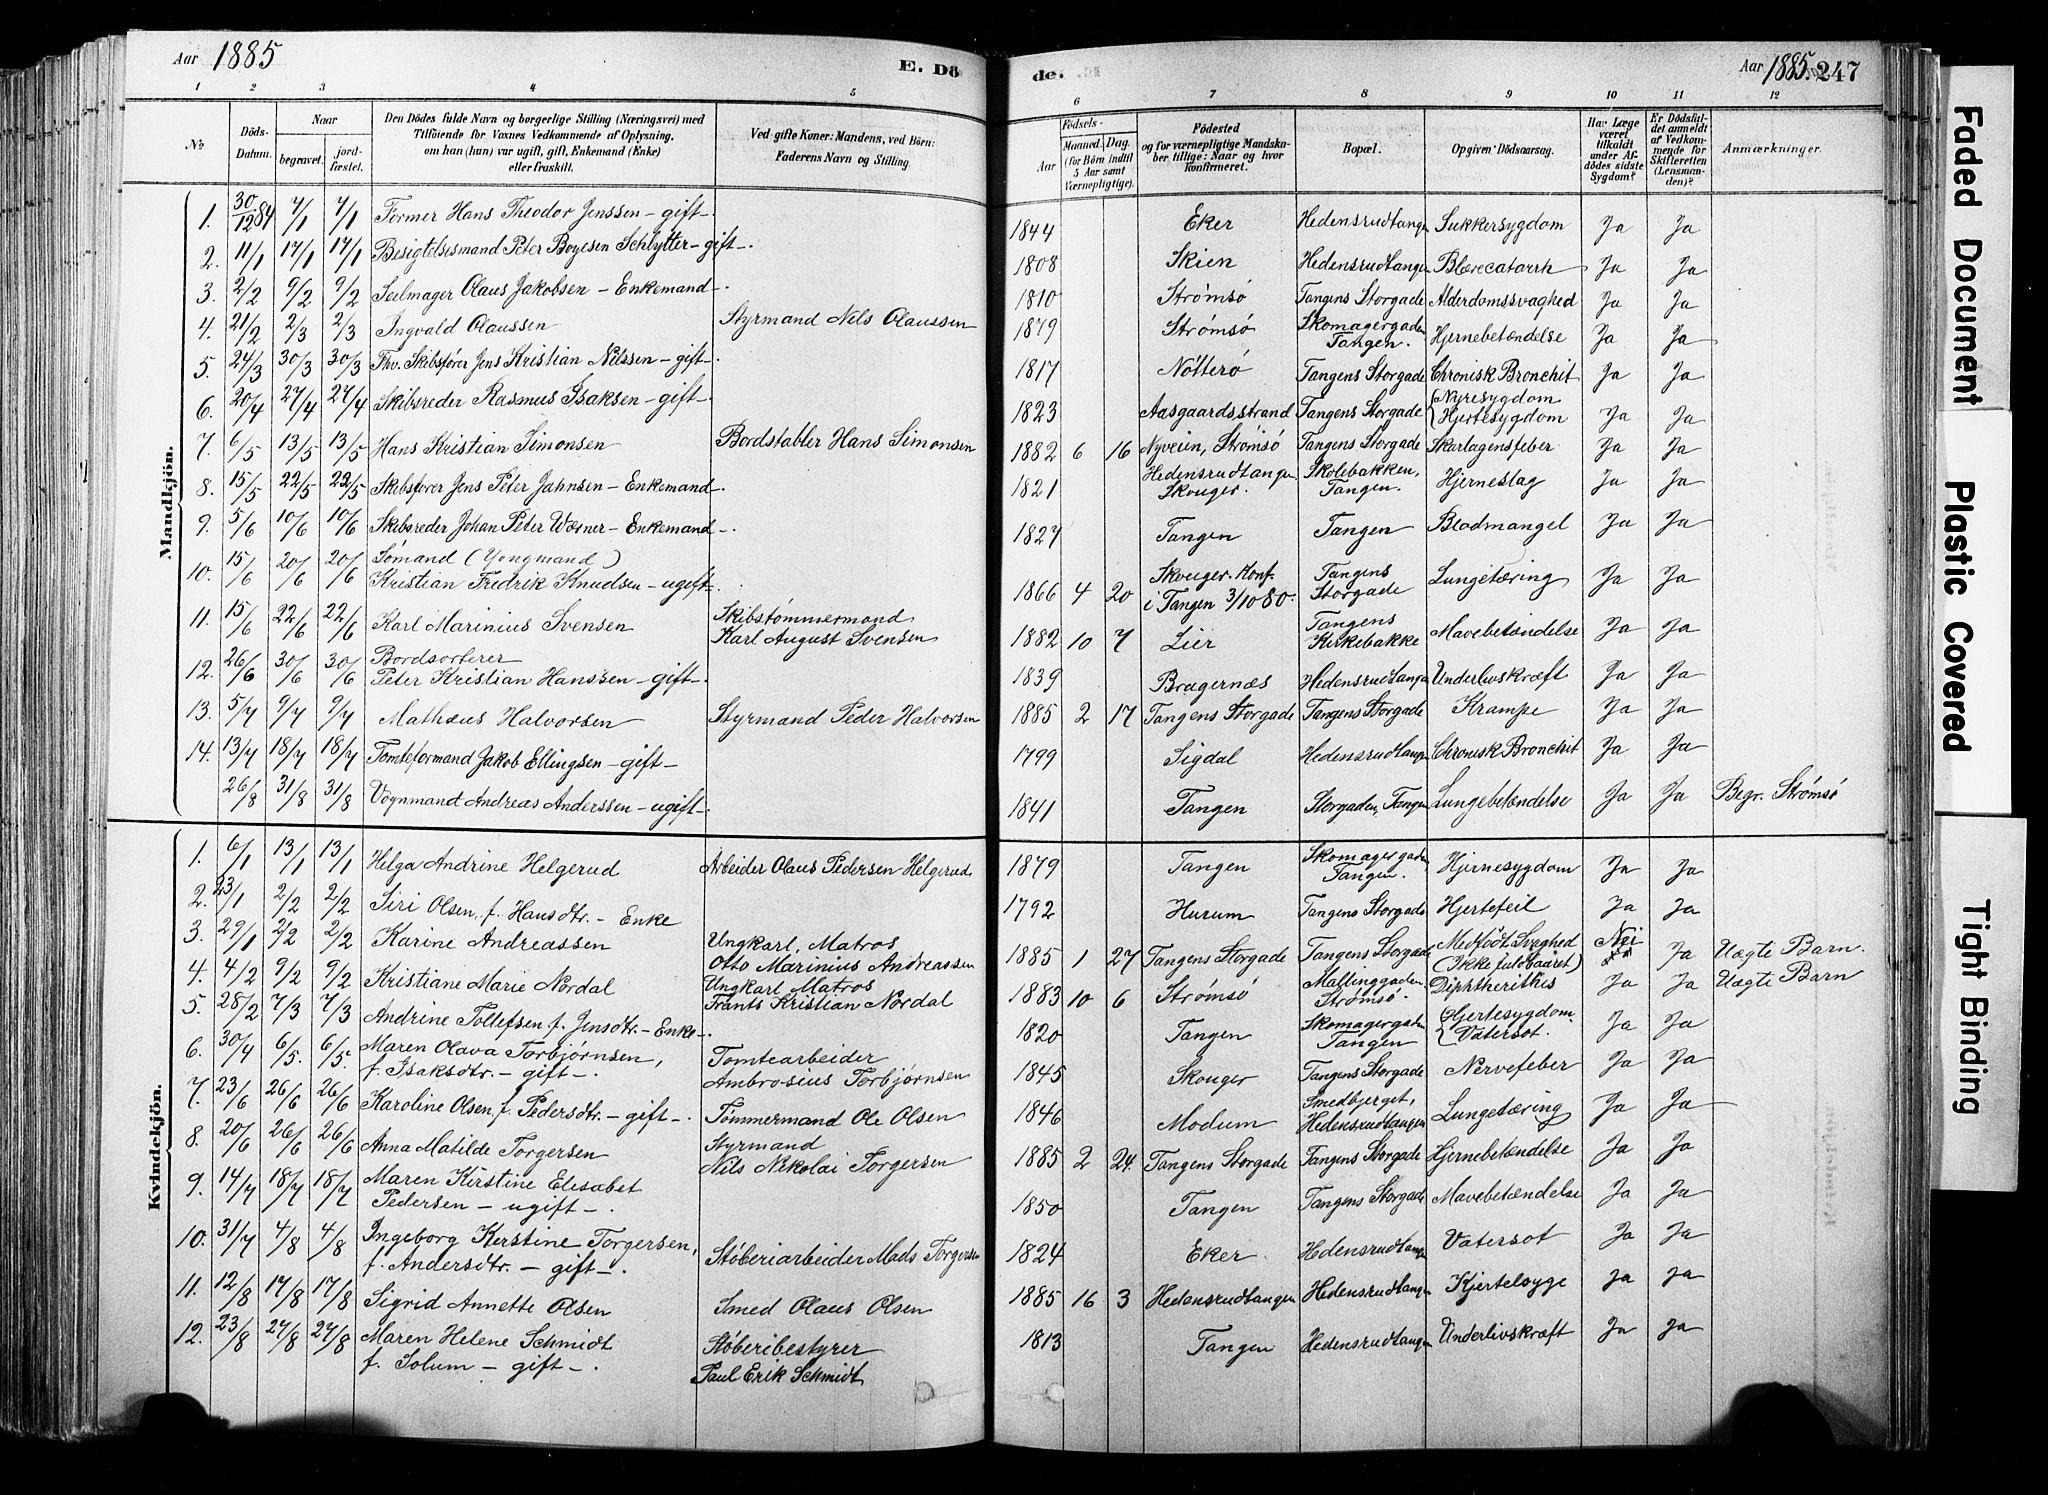 SAKO, Strømsø kirkebøker, F/Fb/L0006: Ministerialbok nr. II 6, 1879-1910, s. 247